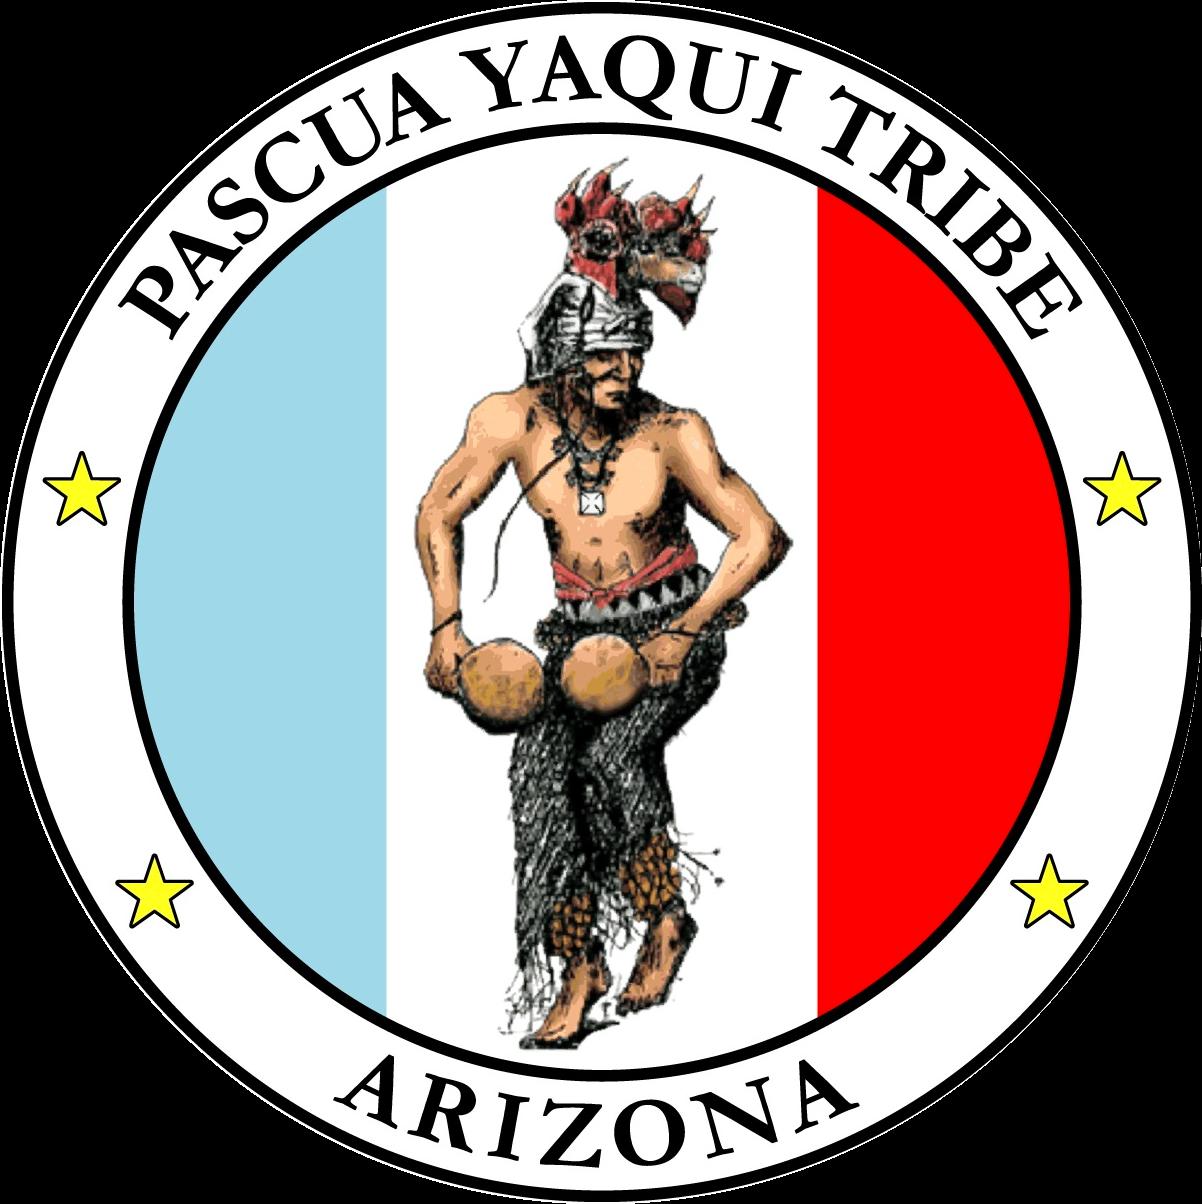 pascua-yaqui-logo.png